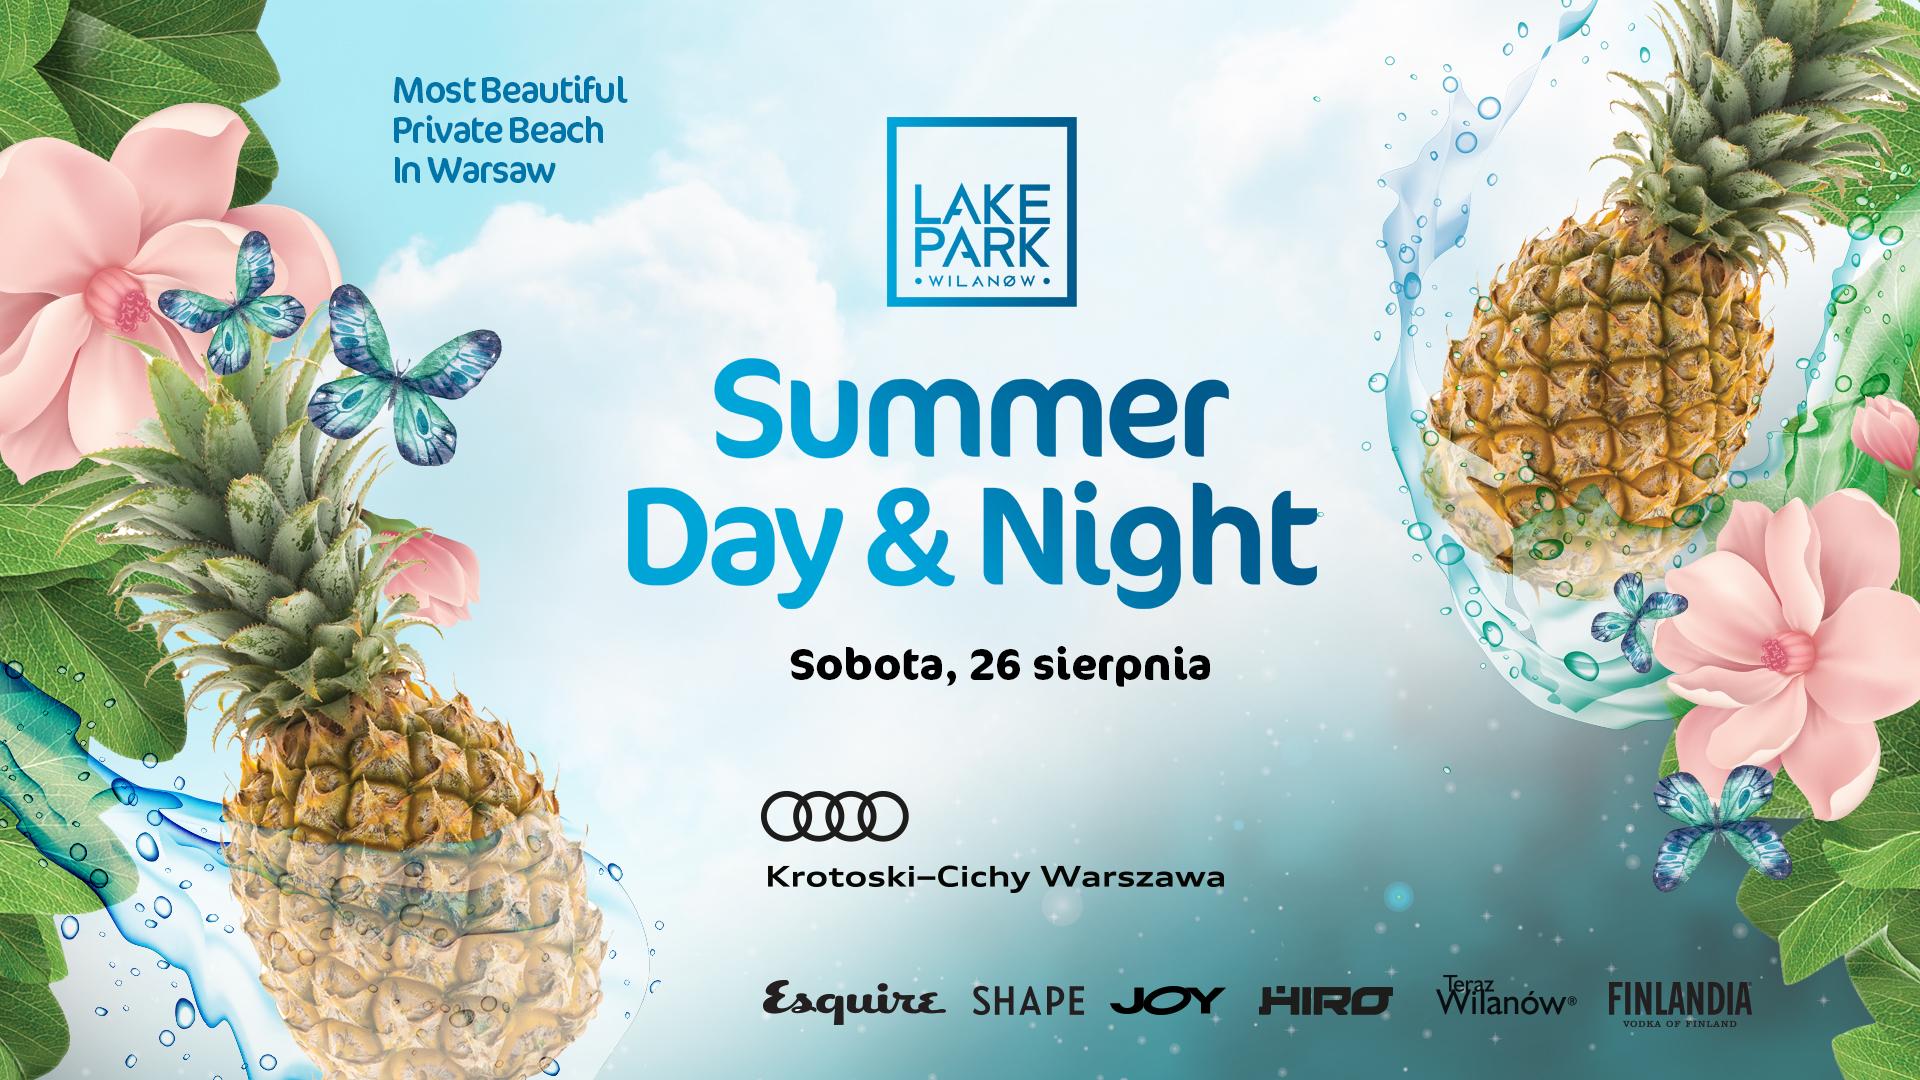 Plakat promujący Summer Day & Night w Wilanowie